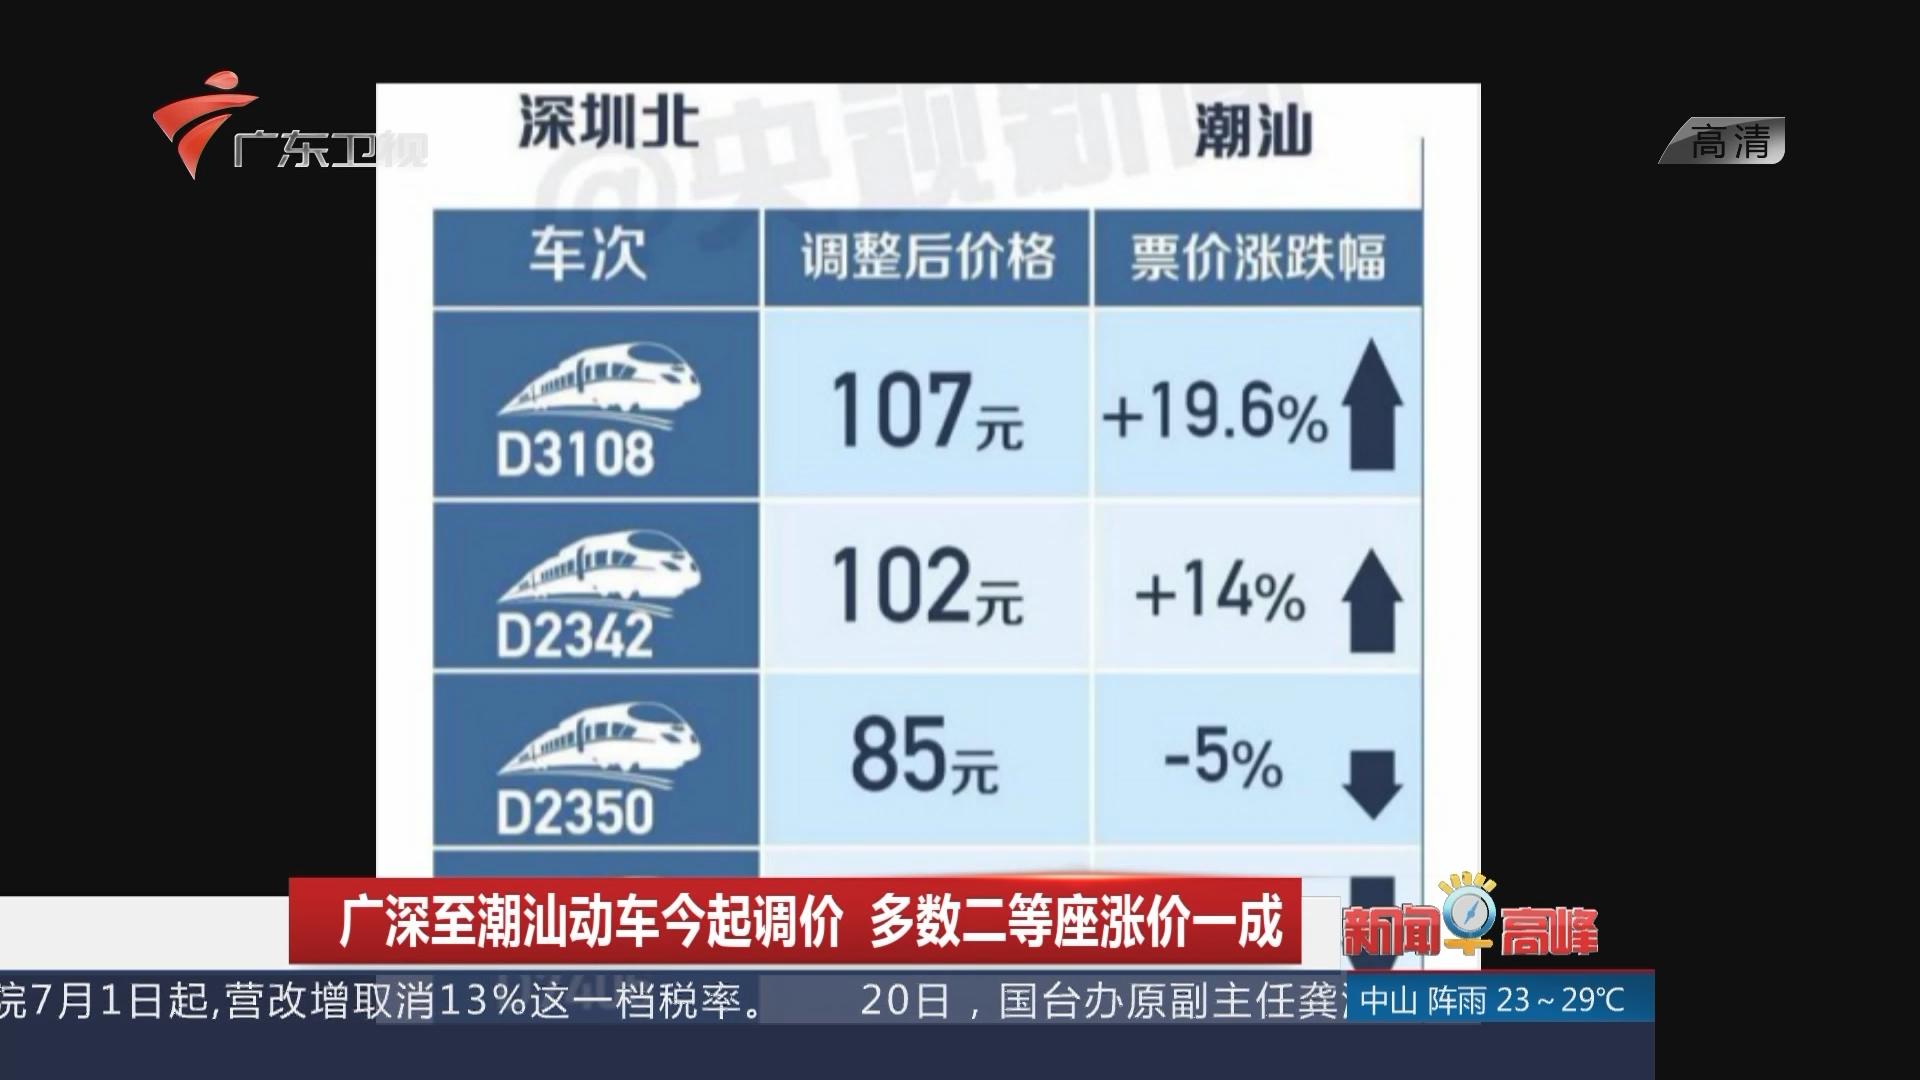 广深至潮汕动车今起调价 多数二等座涨价一成